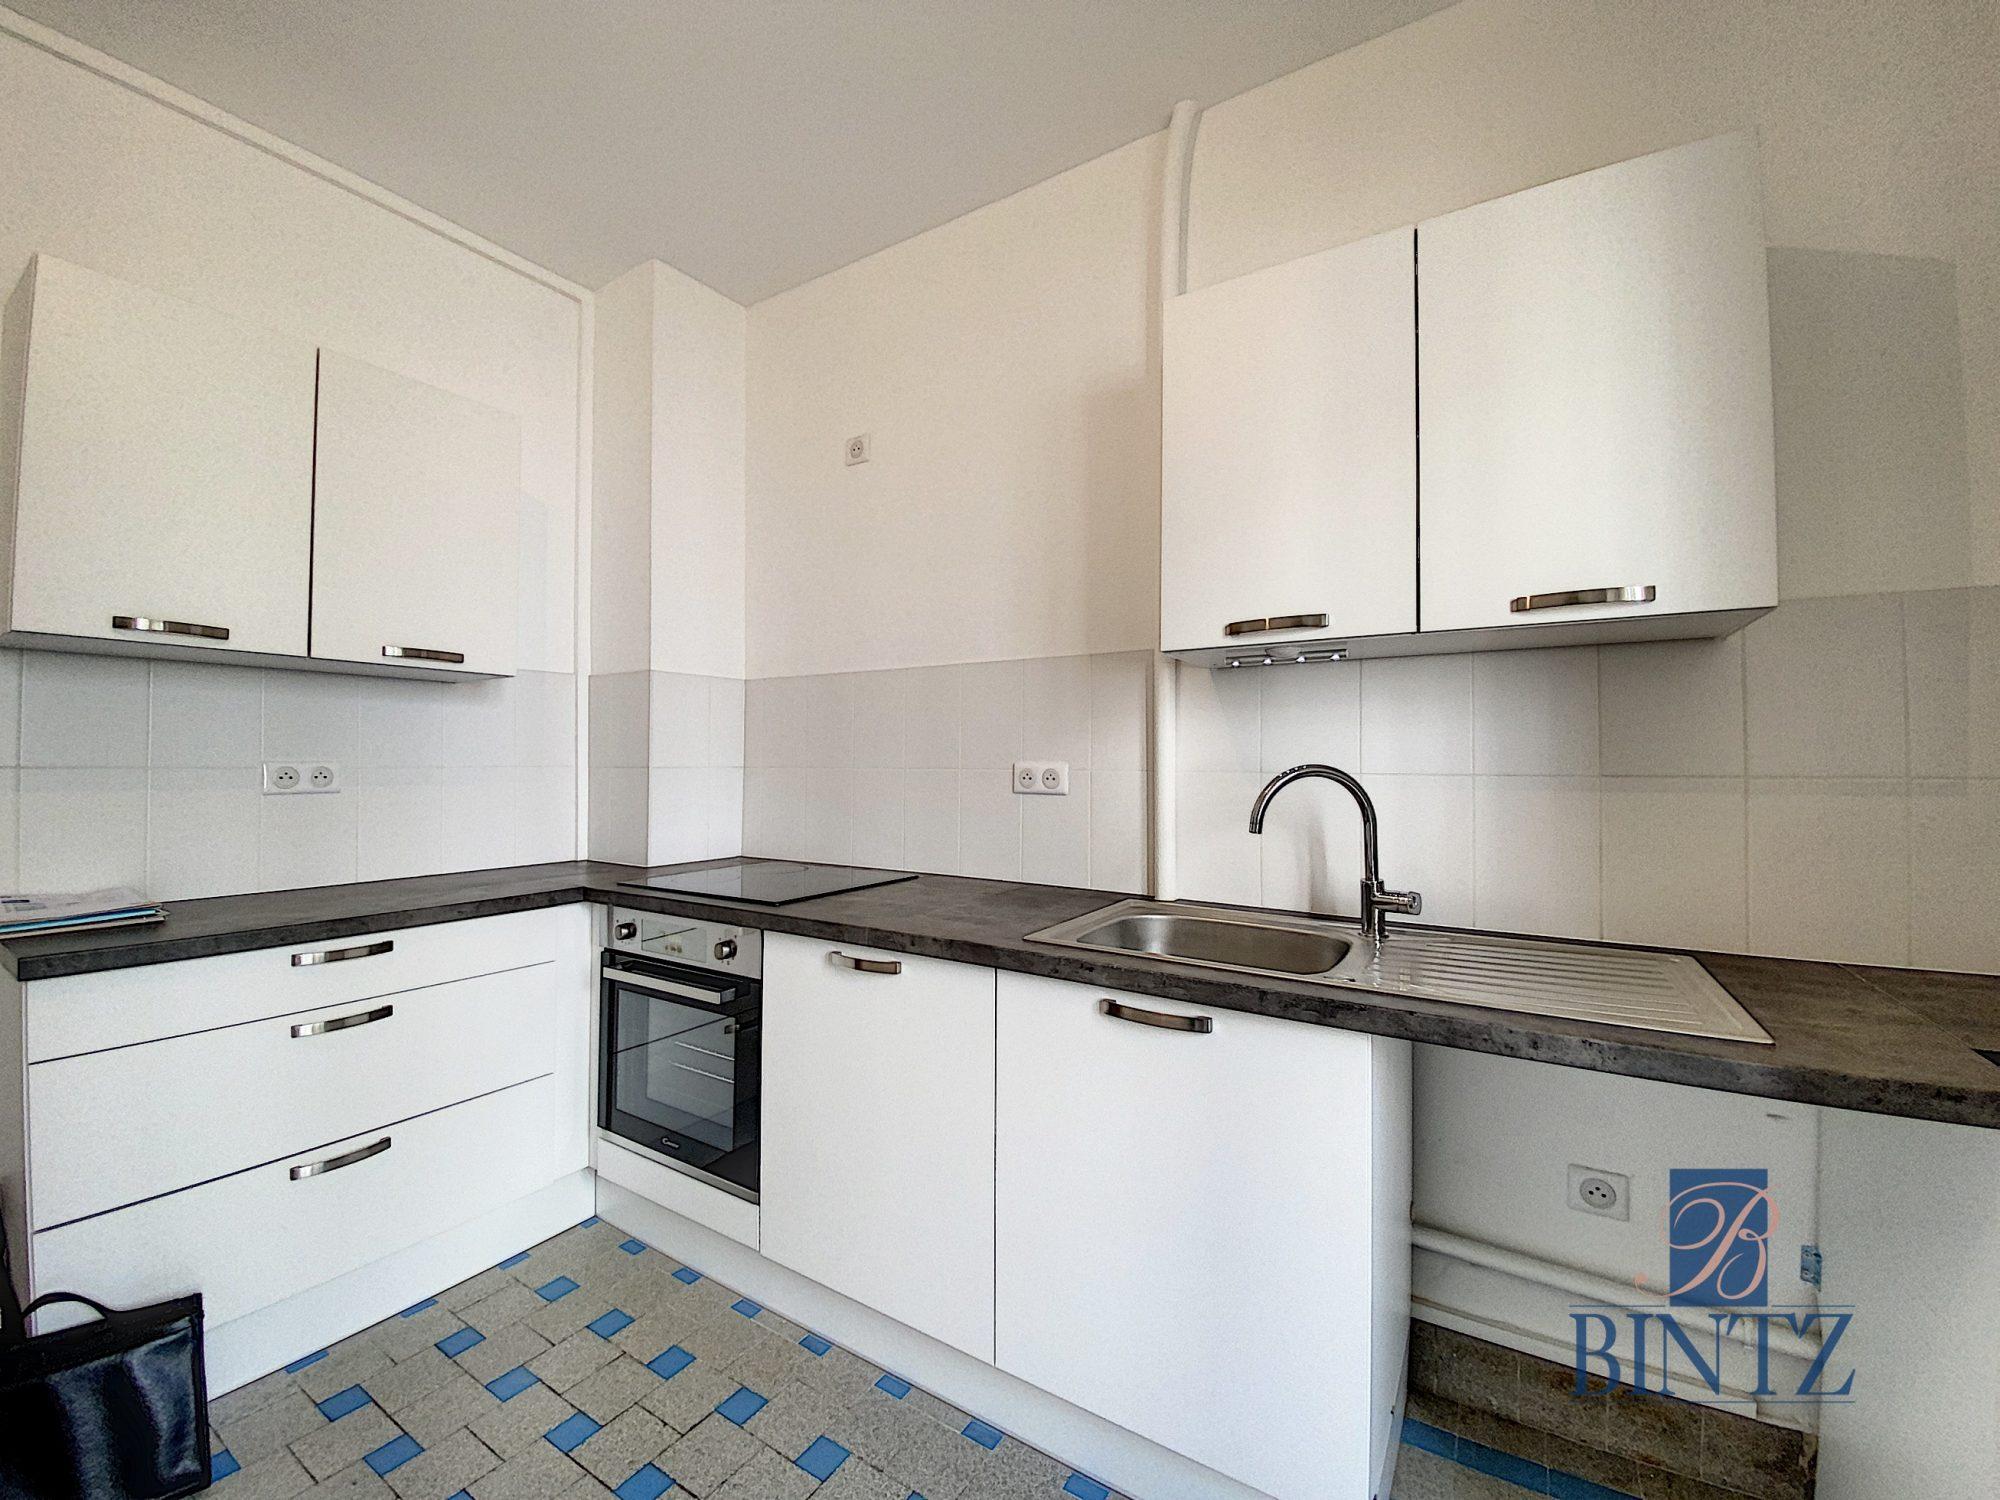 2 pièces orangerie avec balcon - Devenez locataire en toute sérénité - Bintz Immobilier - 10